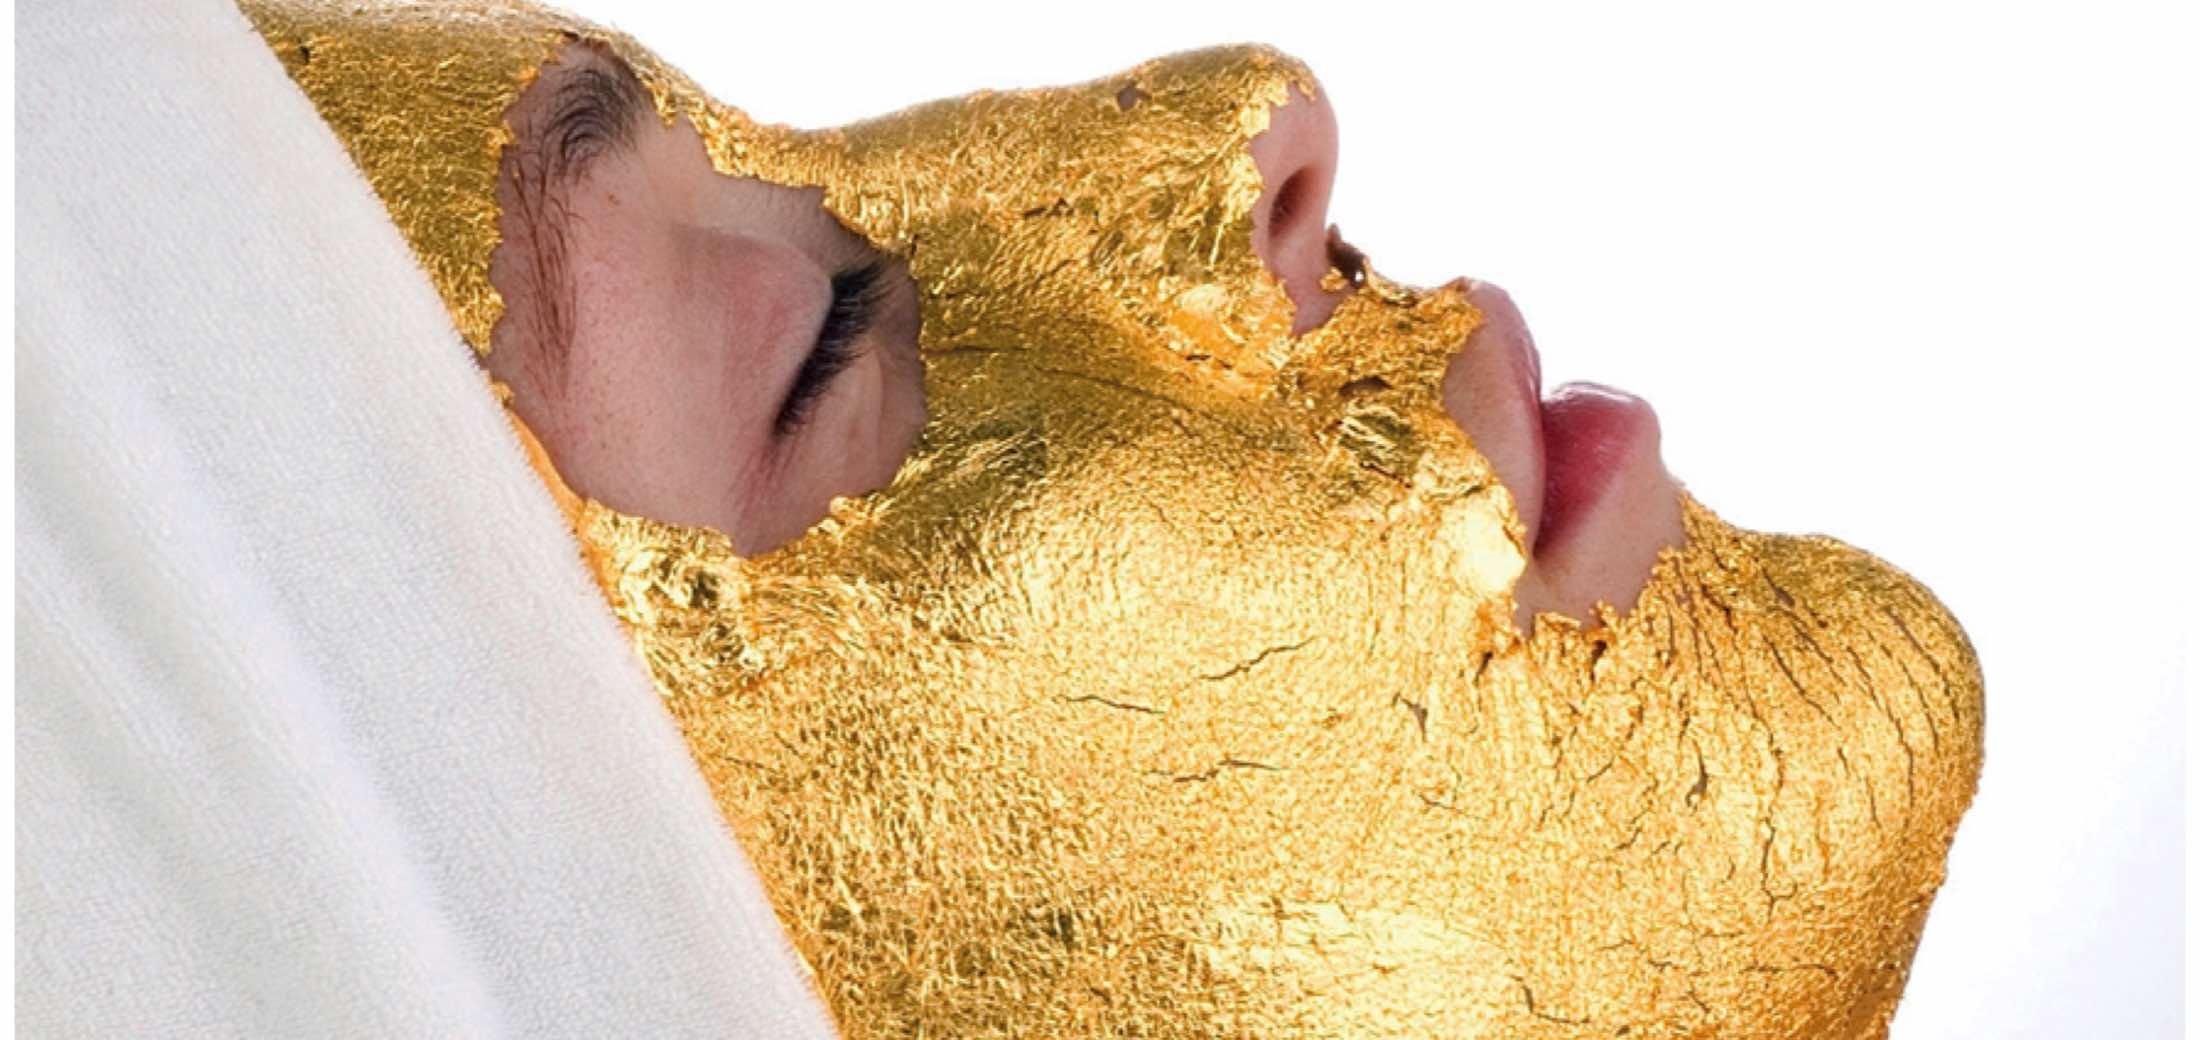 gold mask-opinioni e recensioni